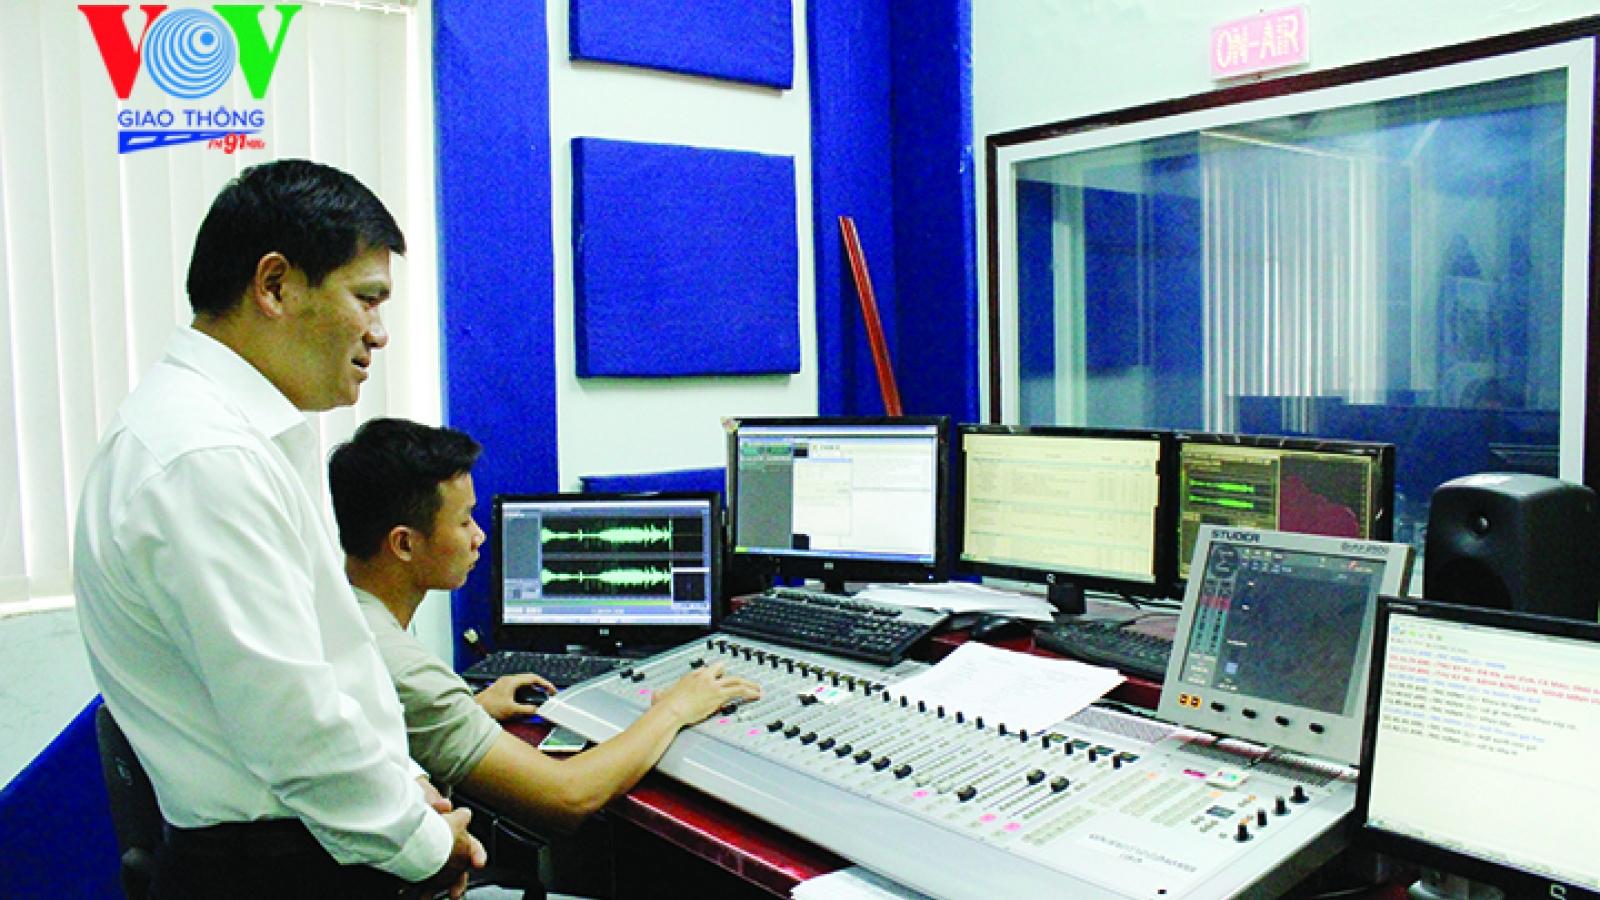 VOV tuyển dụng phóng viên làm việc tại kênh VOV Giao thông